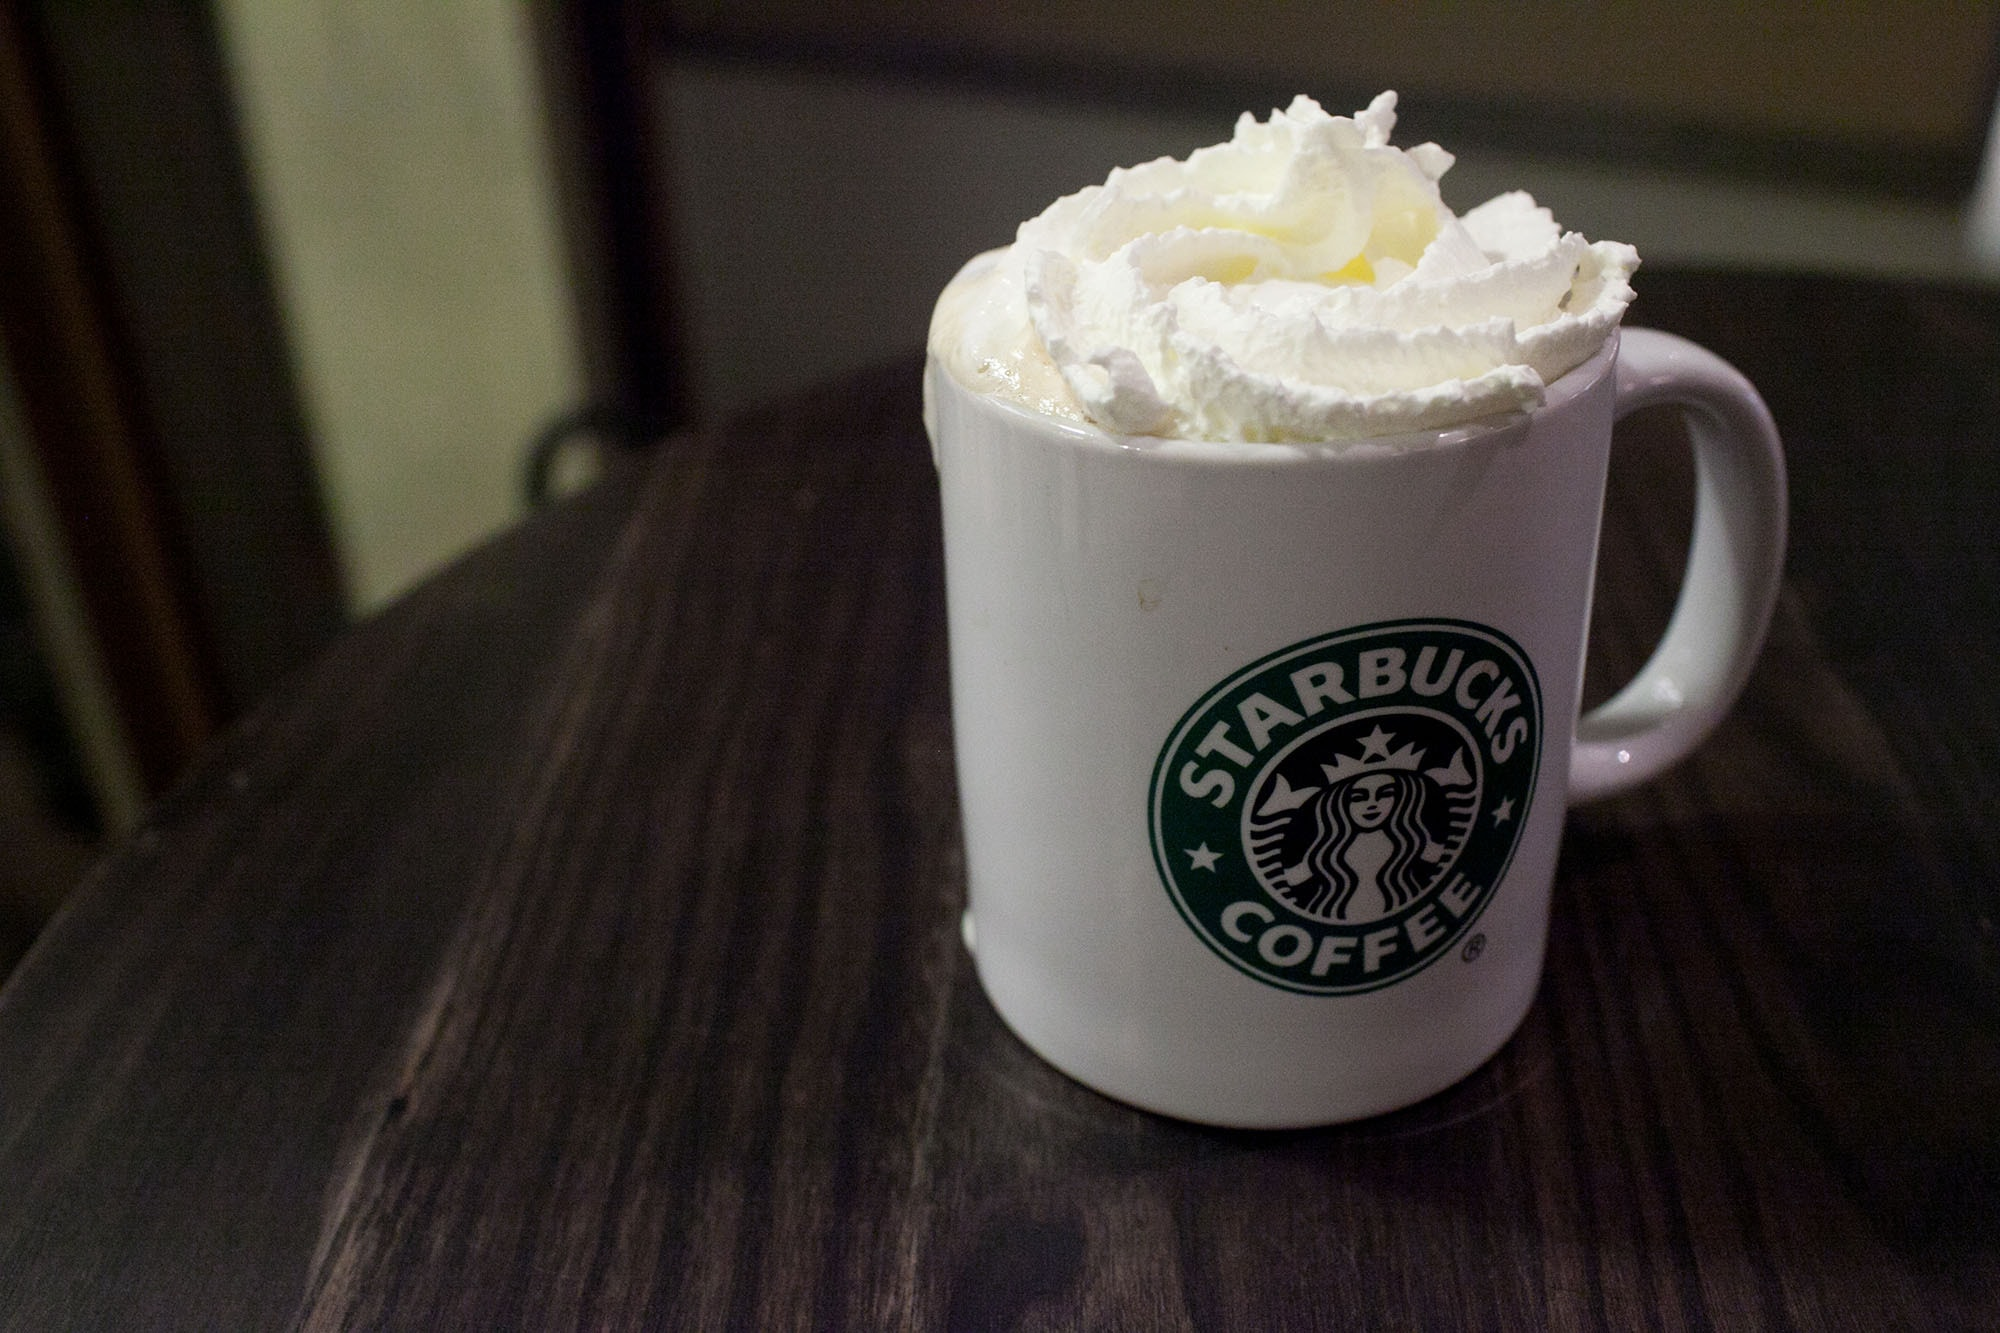 Starbucks in Brussels, Belgium